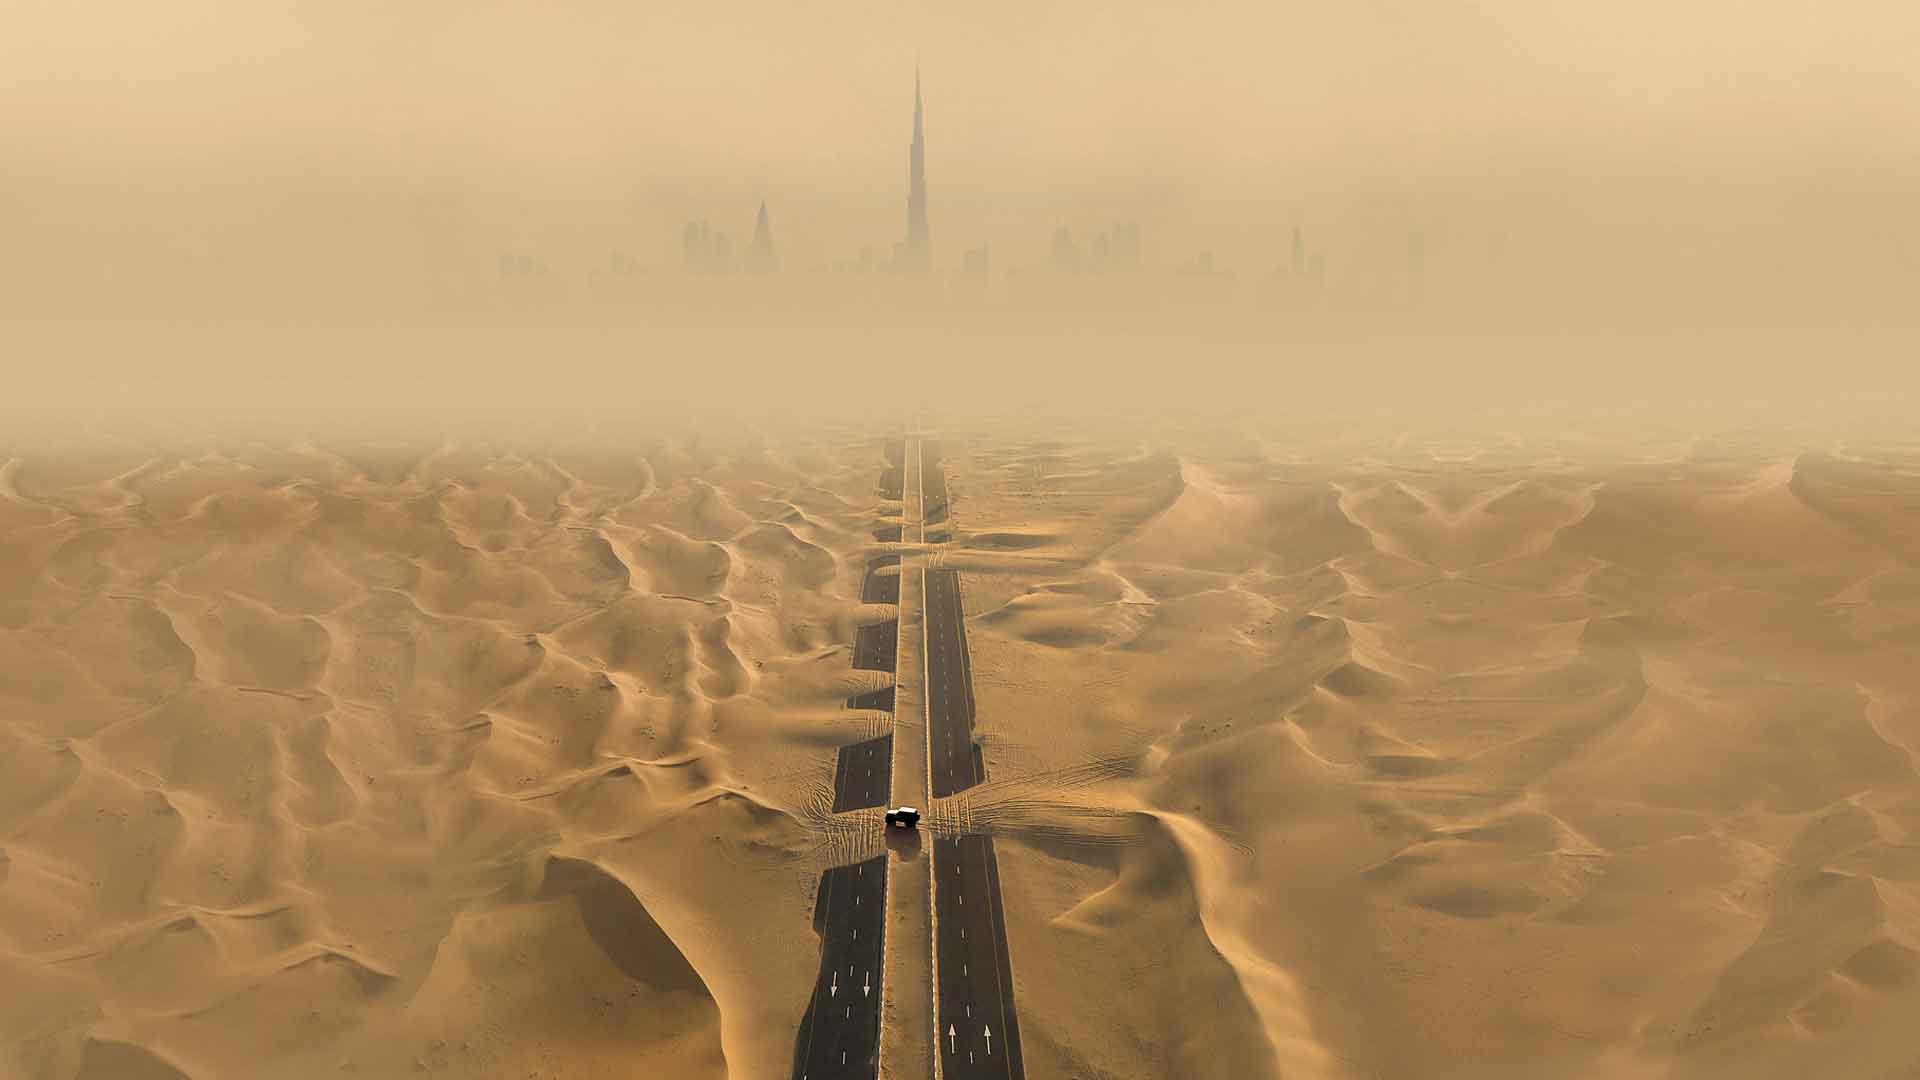 capturas aéreas DUBAI-UAE